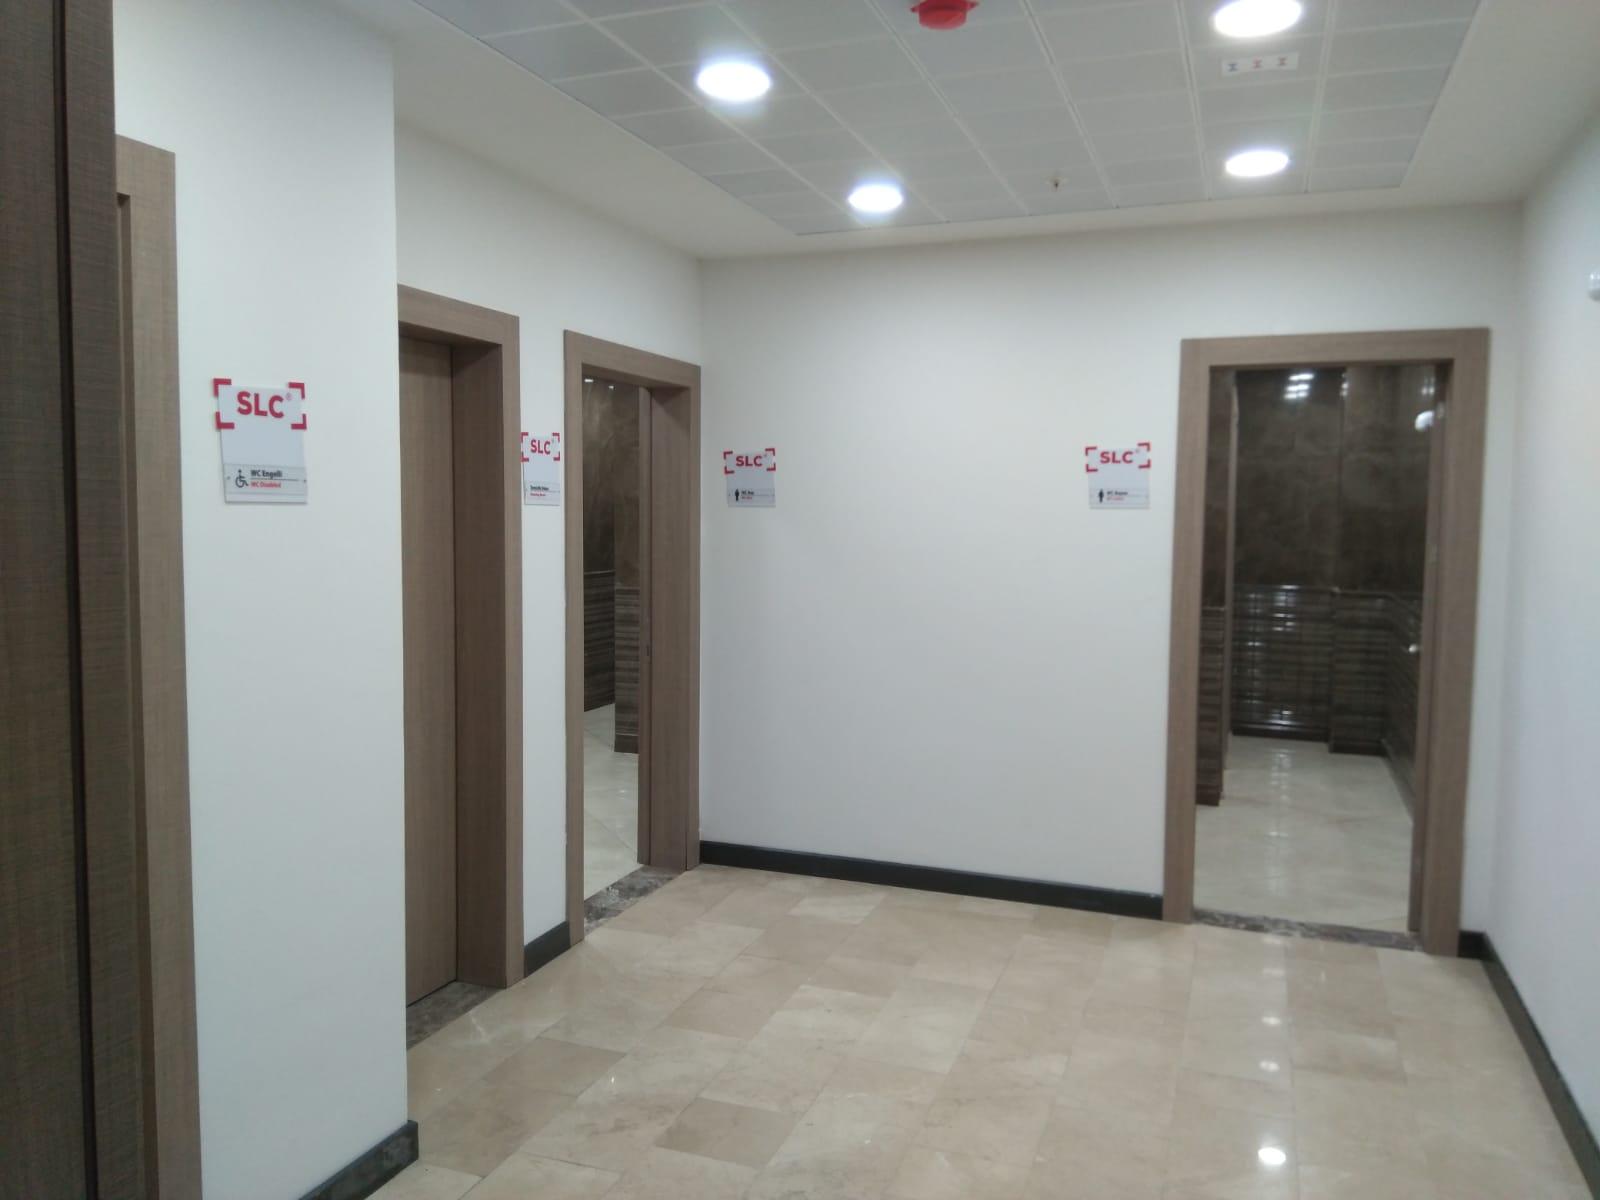 WC Hol 1